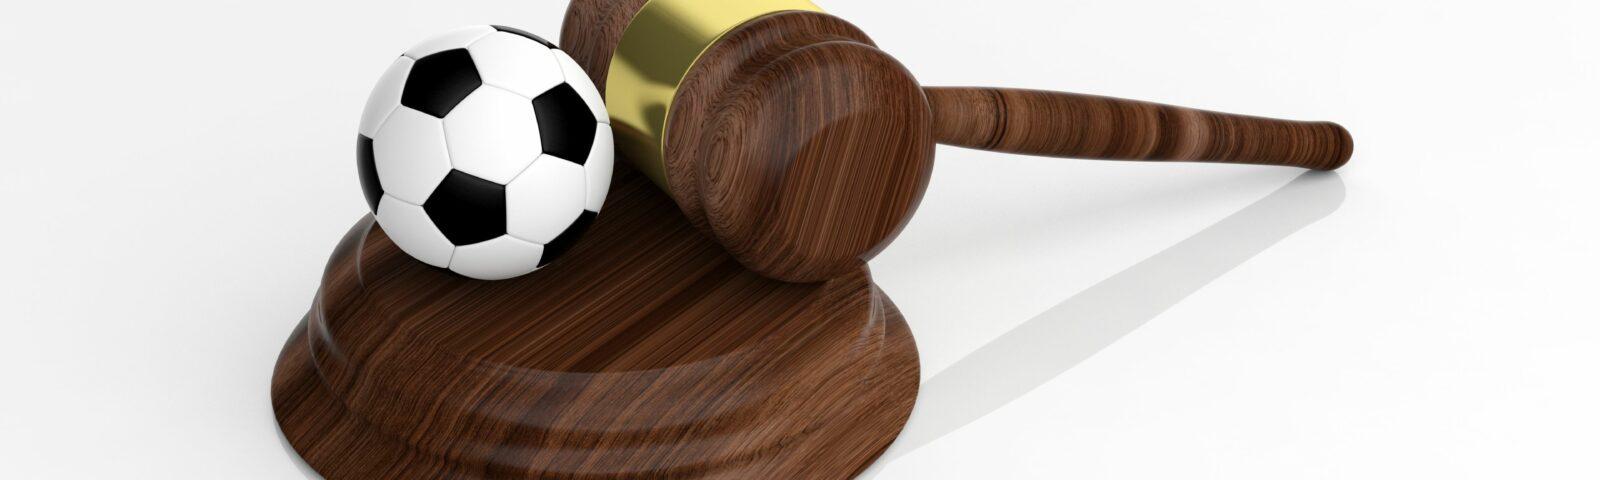 על ז'בוטינסקי והספורט הלאומי החדש – תביעות נגד בעלי שליטה